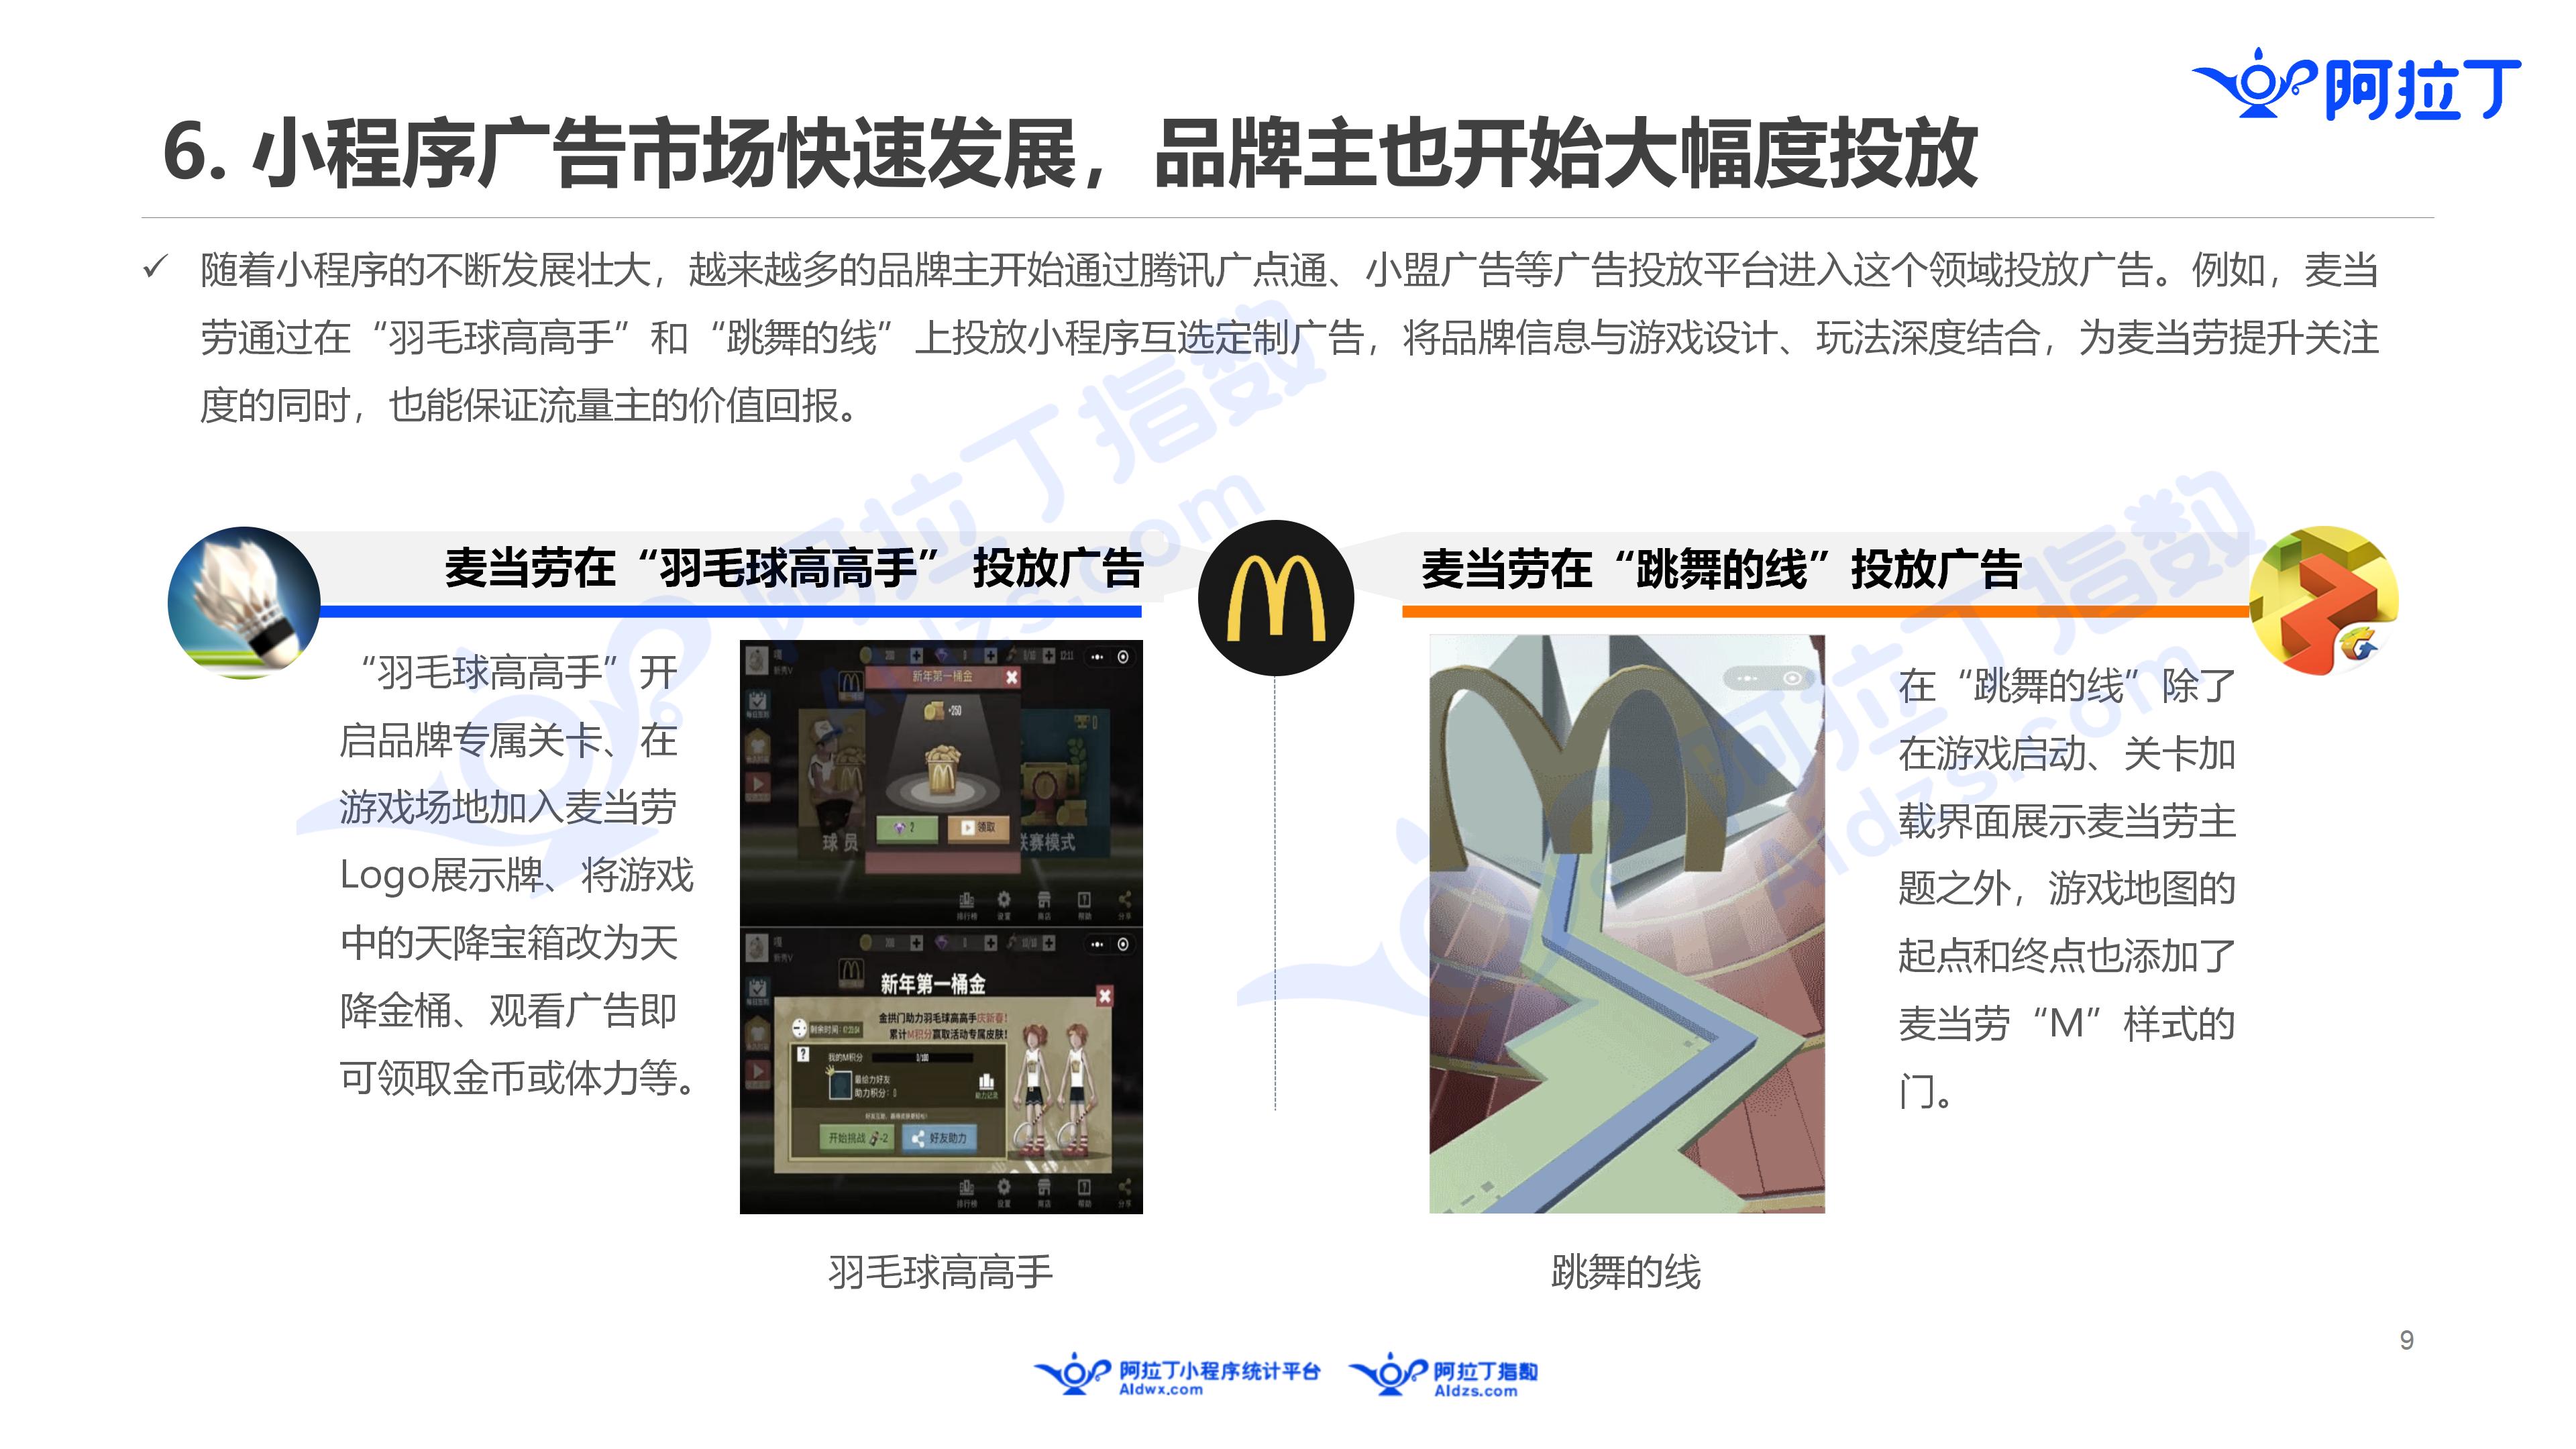 2019年3月中国小程序行业月度报告v5(1)_09.png